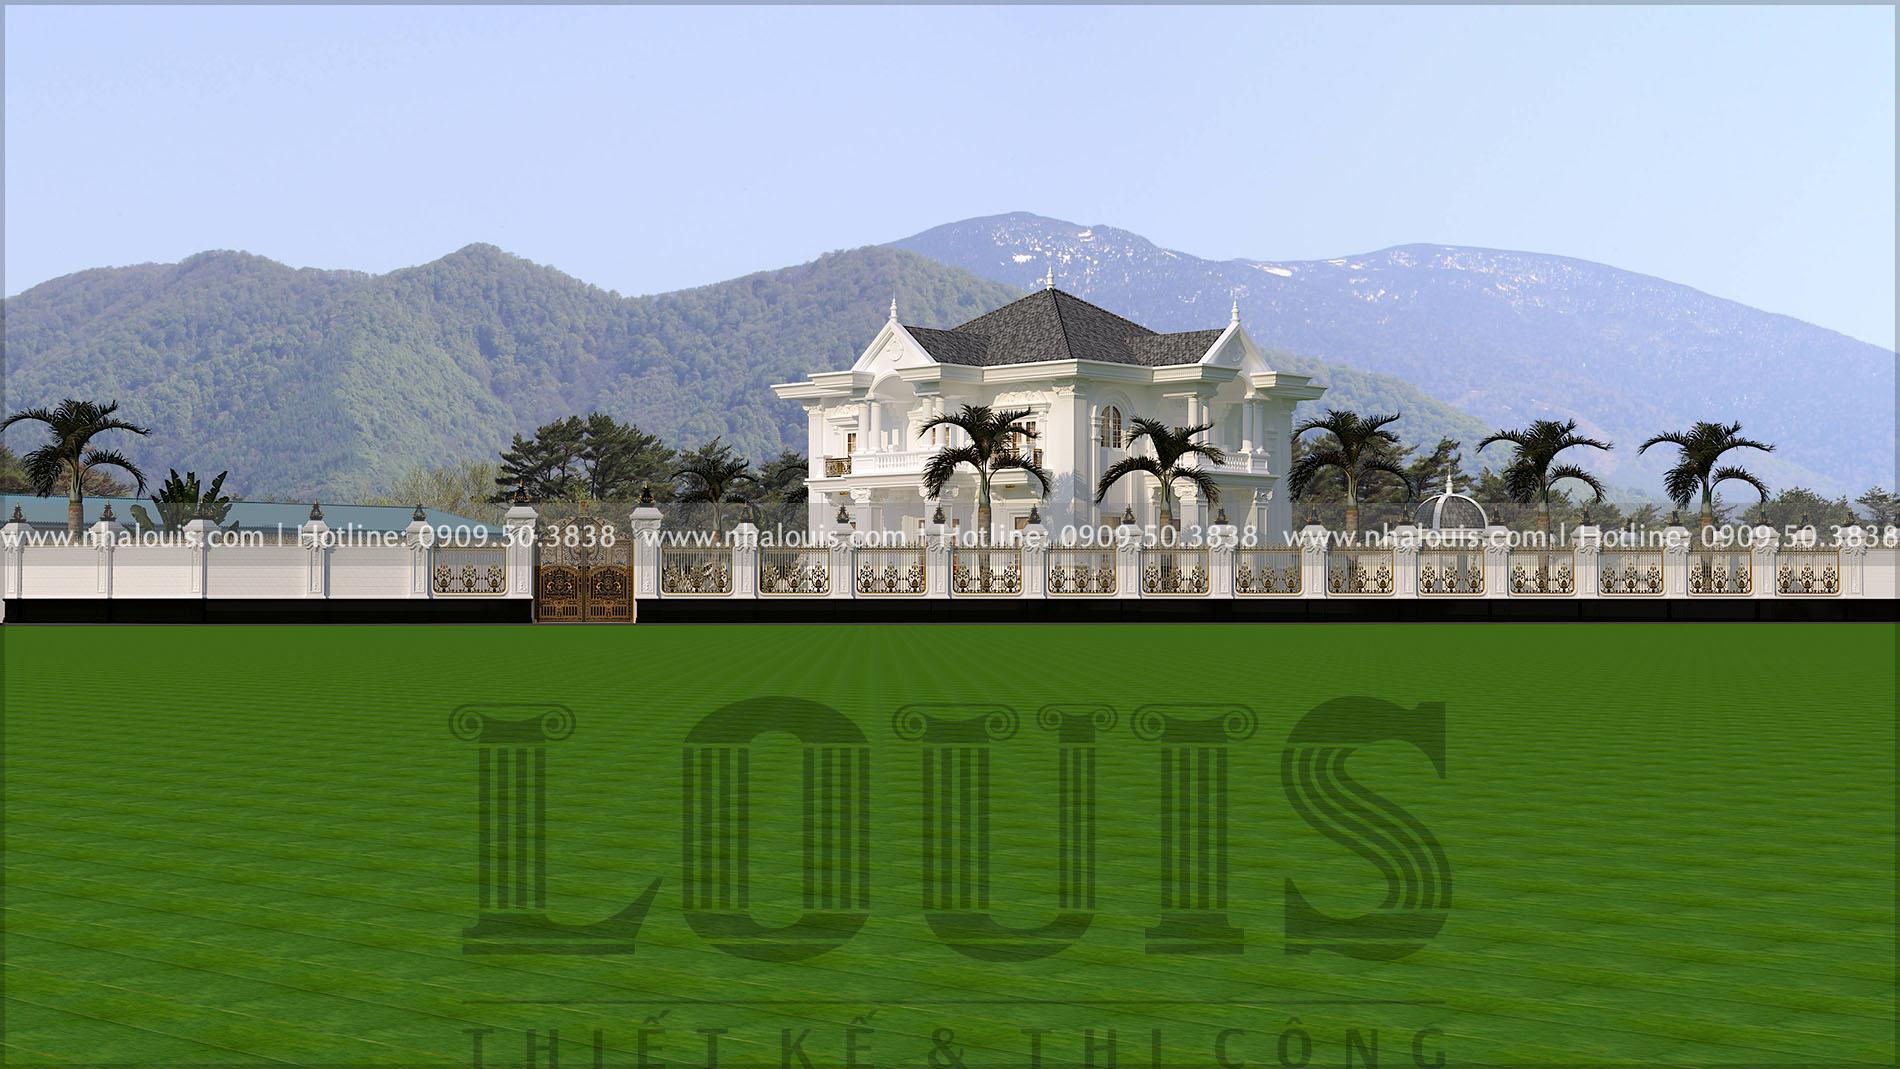 thiết kế hàng rào biệt thự cổ điển